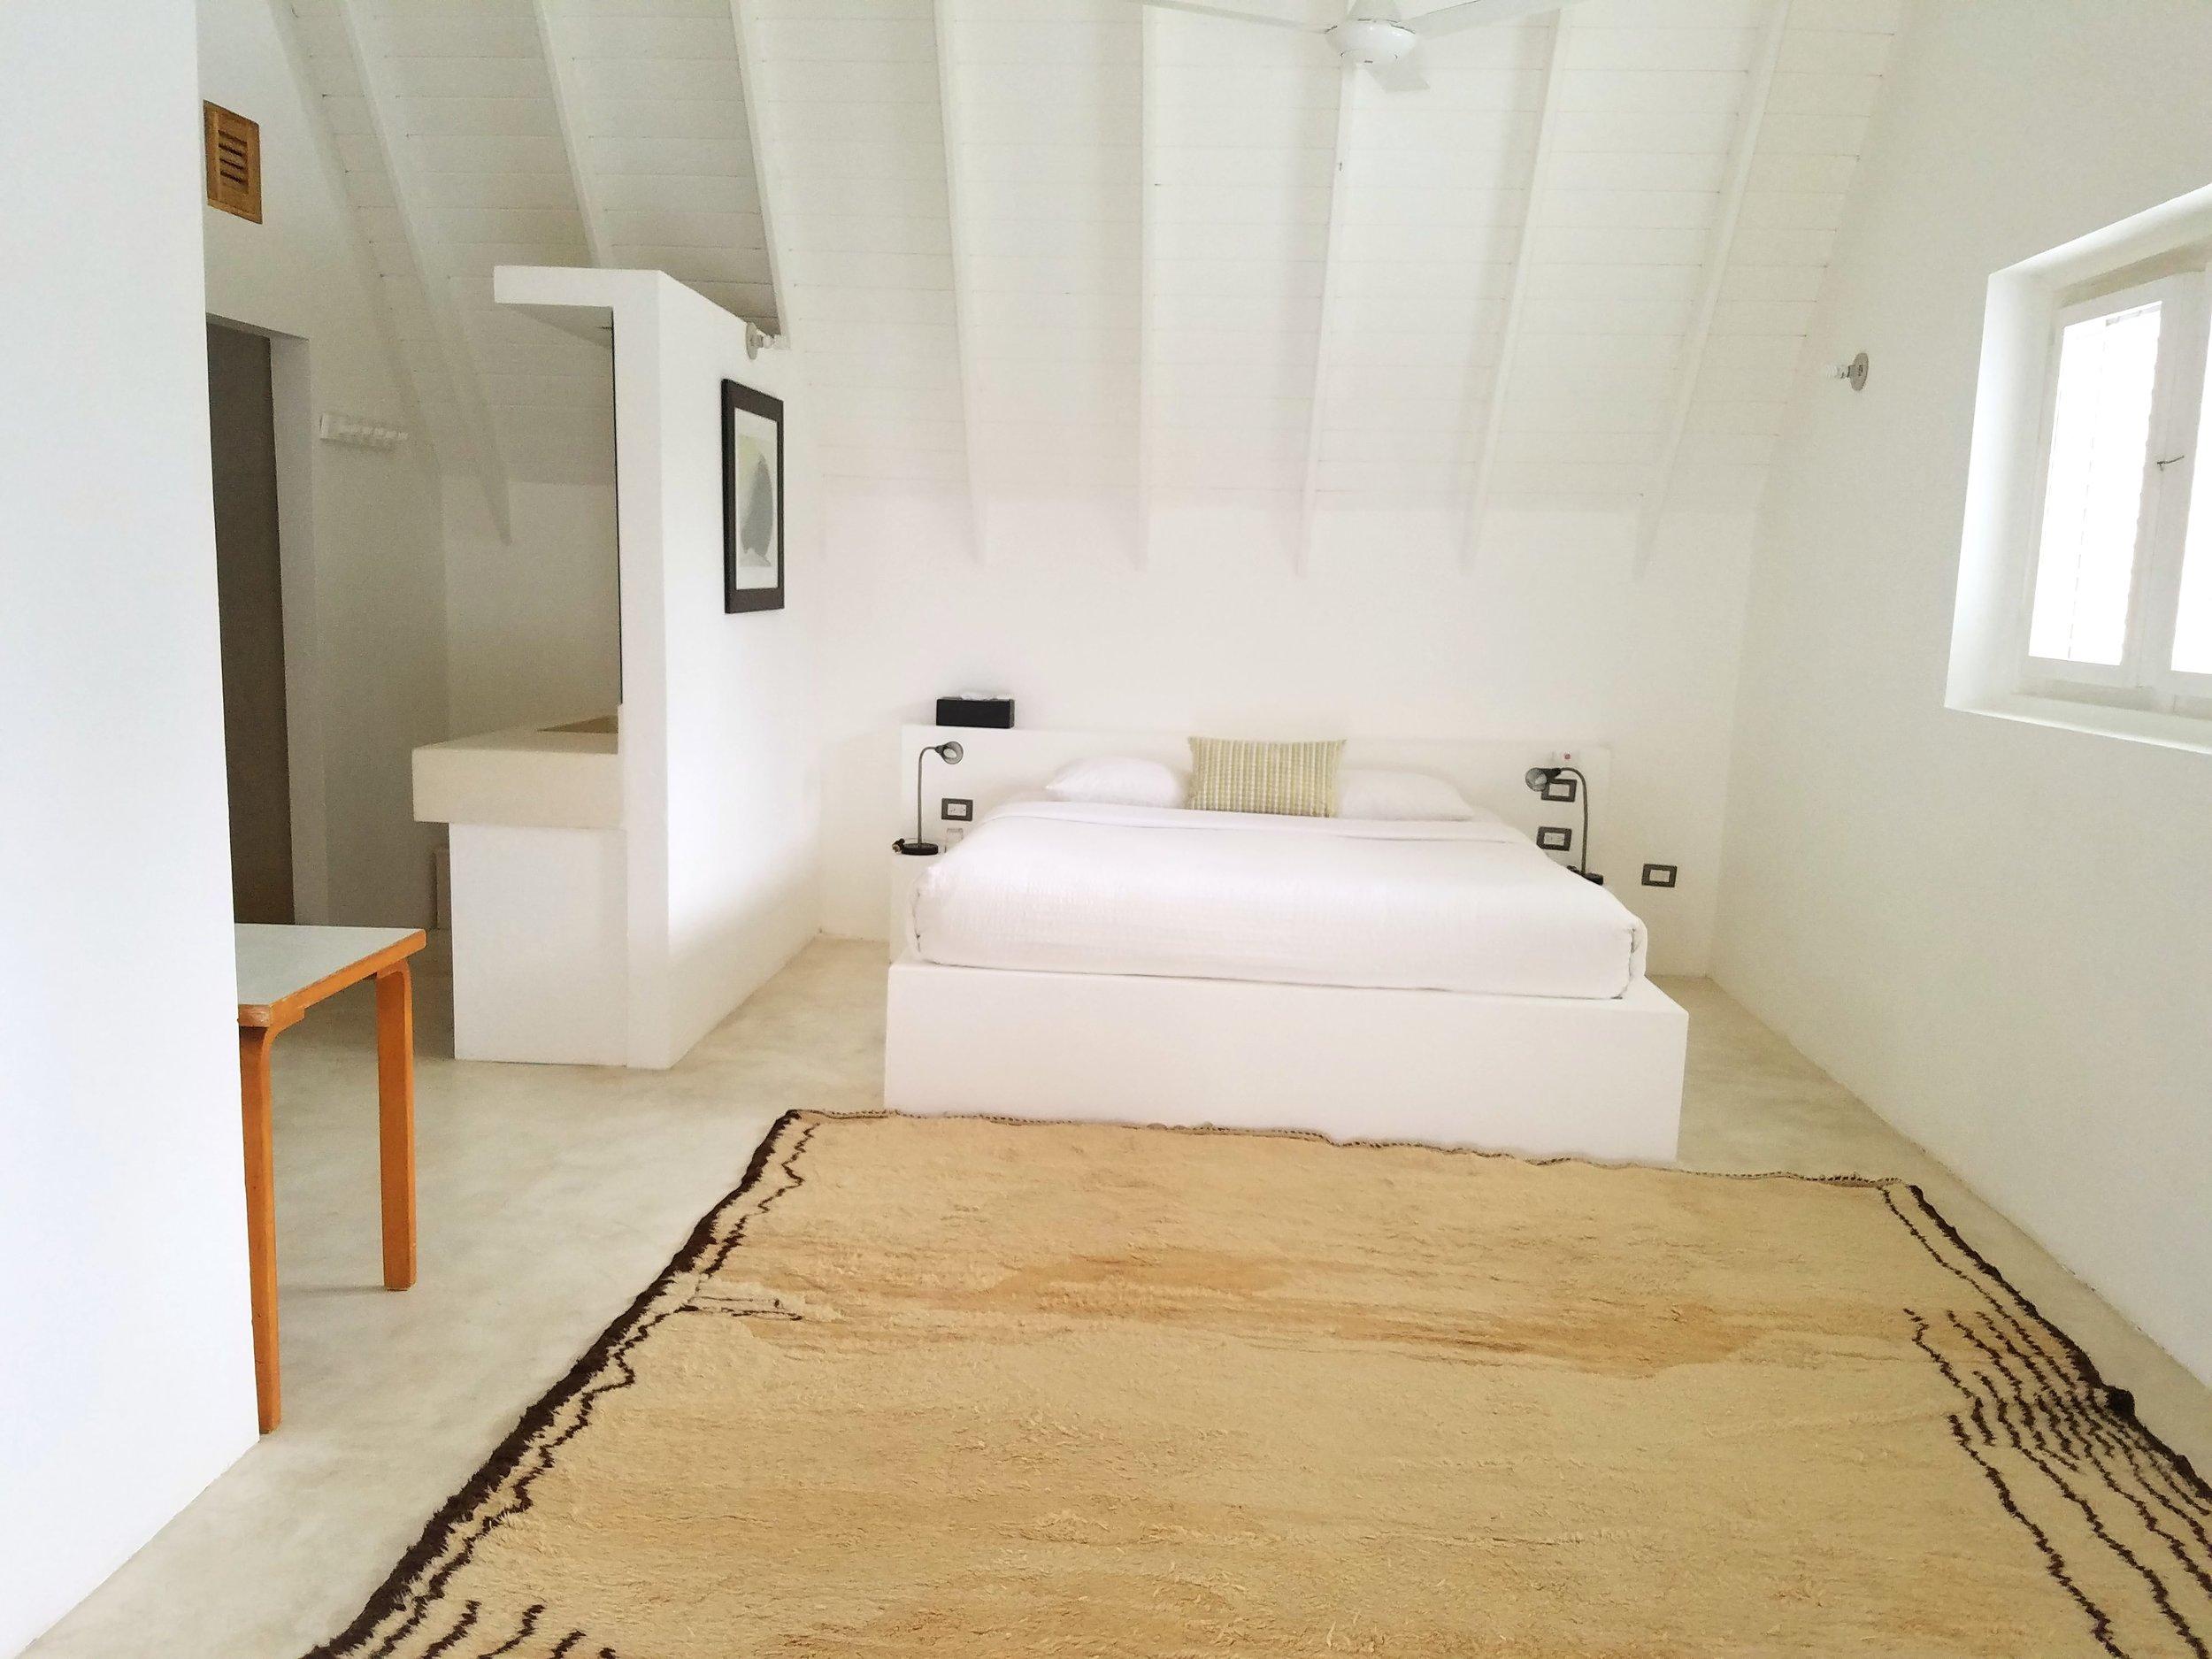 Villa for rent Las Terrenas Samana Casa Bibi11-min.jpg